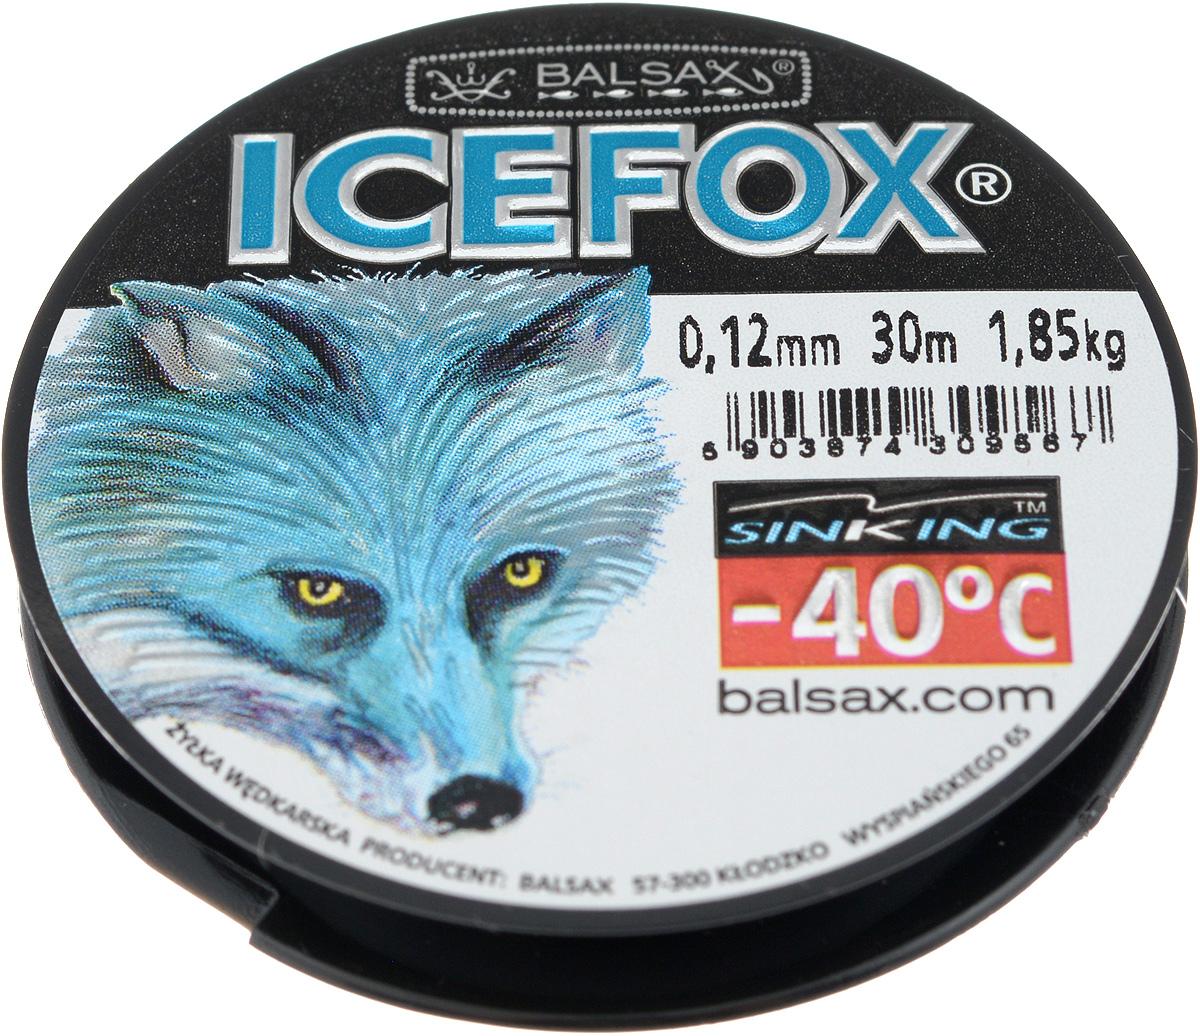 Леска зимняя Balsax Ice Fox, 30 м, 0,12 мм, 1,85 кгLJ4100-015Леска Balsax Ice Fox изготовлена из 100% нейлона и очень хорошо выдерживает низкие температуры. Даже в самом холодном климате, при температуре вплоть до -40°C, она сохраняет свои свойства практически без изменений, в то время как традиционные лески становятся менее эластичными и теряют прочность.Поверхность лески обработана таким образом, что она не обмерзает и отлично подходит для подледного лова. Прочна в местах вязки узлов даже при минимальном диаметре.